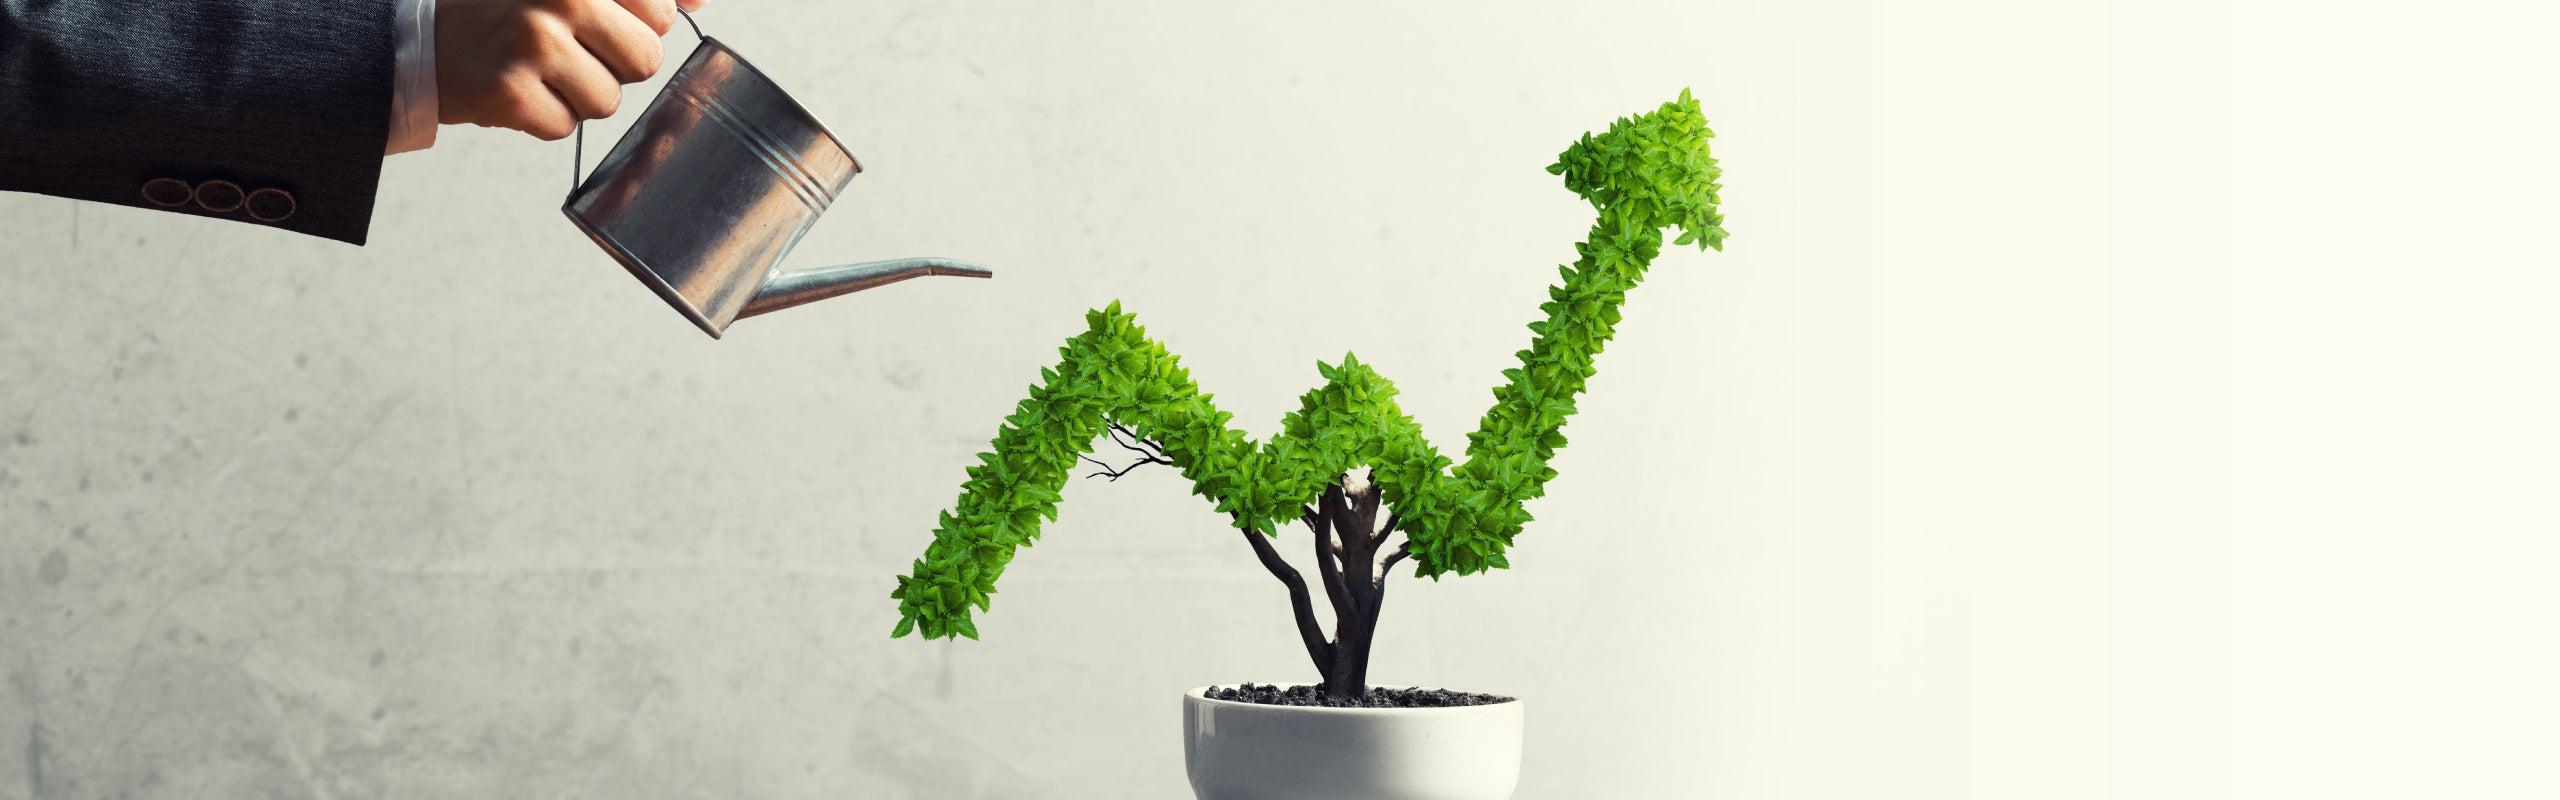 Ini Dia 4 Jenis Investasi yang Menguntungkan untuk Milenial